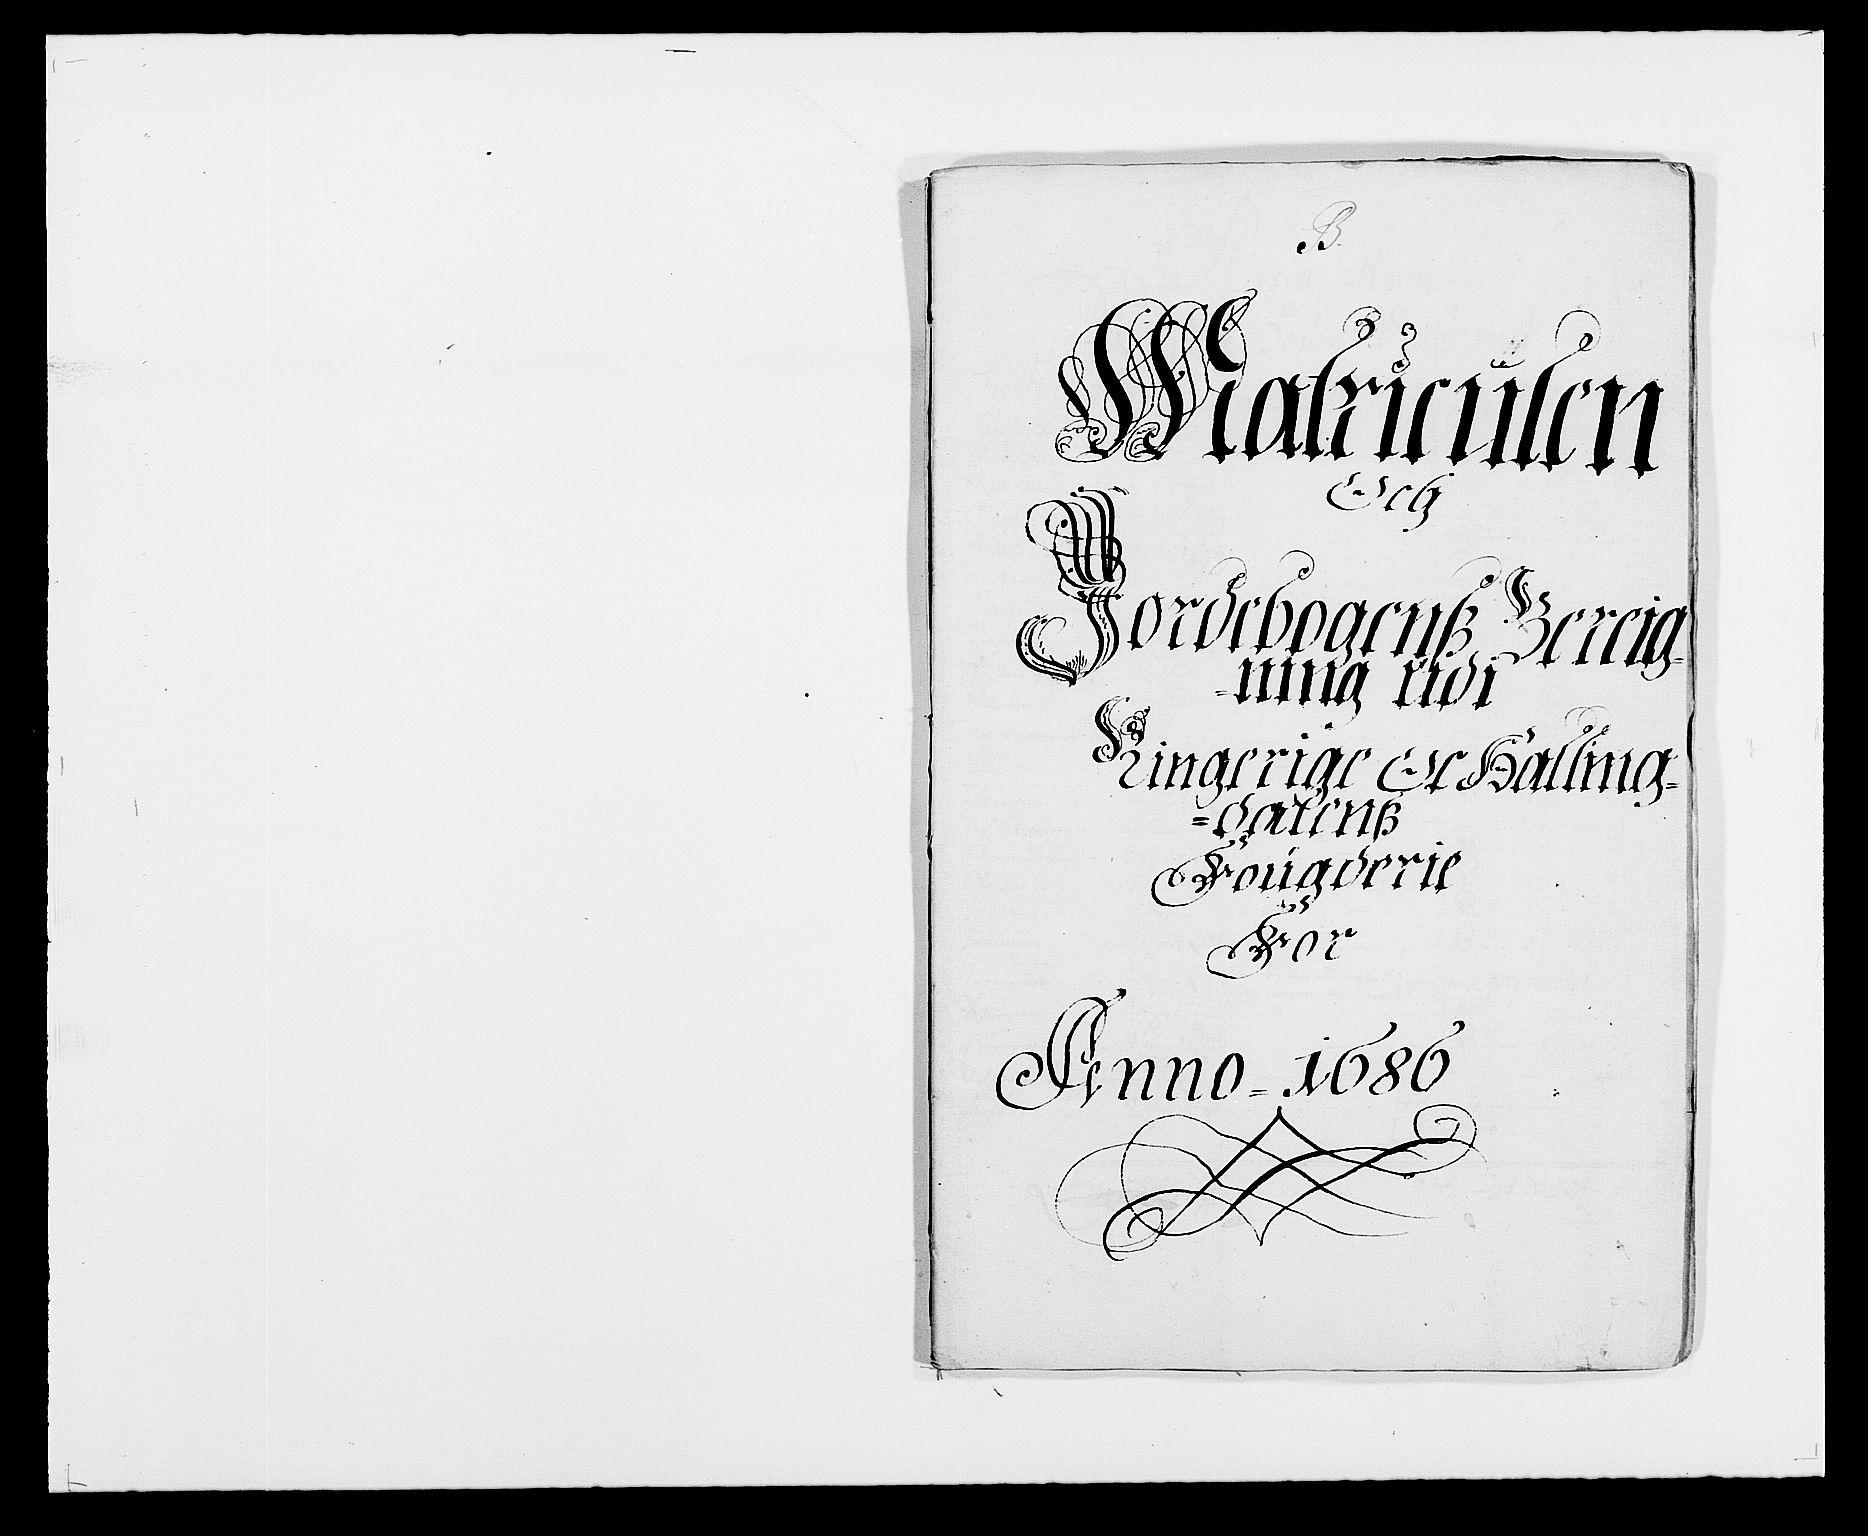 RA, Rentekammeret inntil 1814, Reviderte regnskaper, Fogderegnskap, R21/L1446: Fogderegnskap Ringerike og Hallingdal, 1683-1686, s. 424